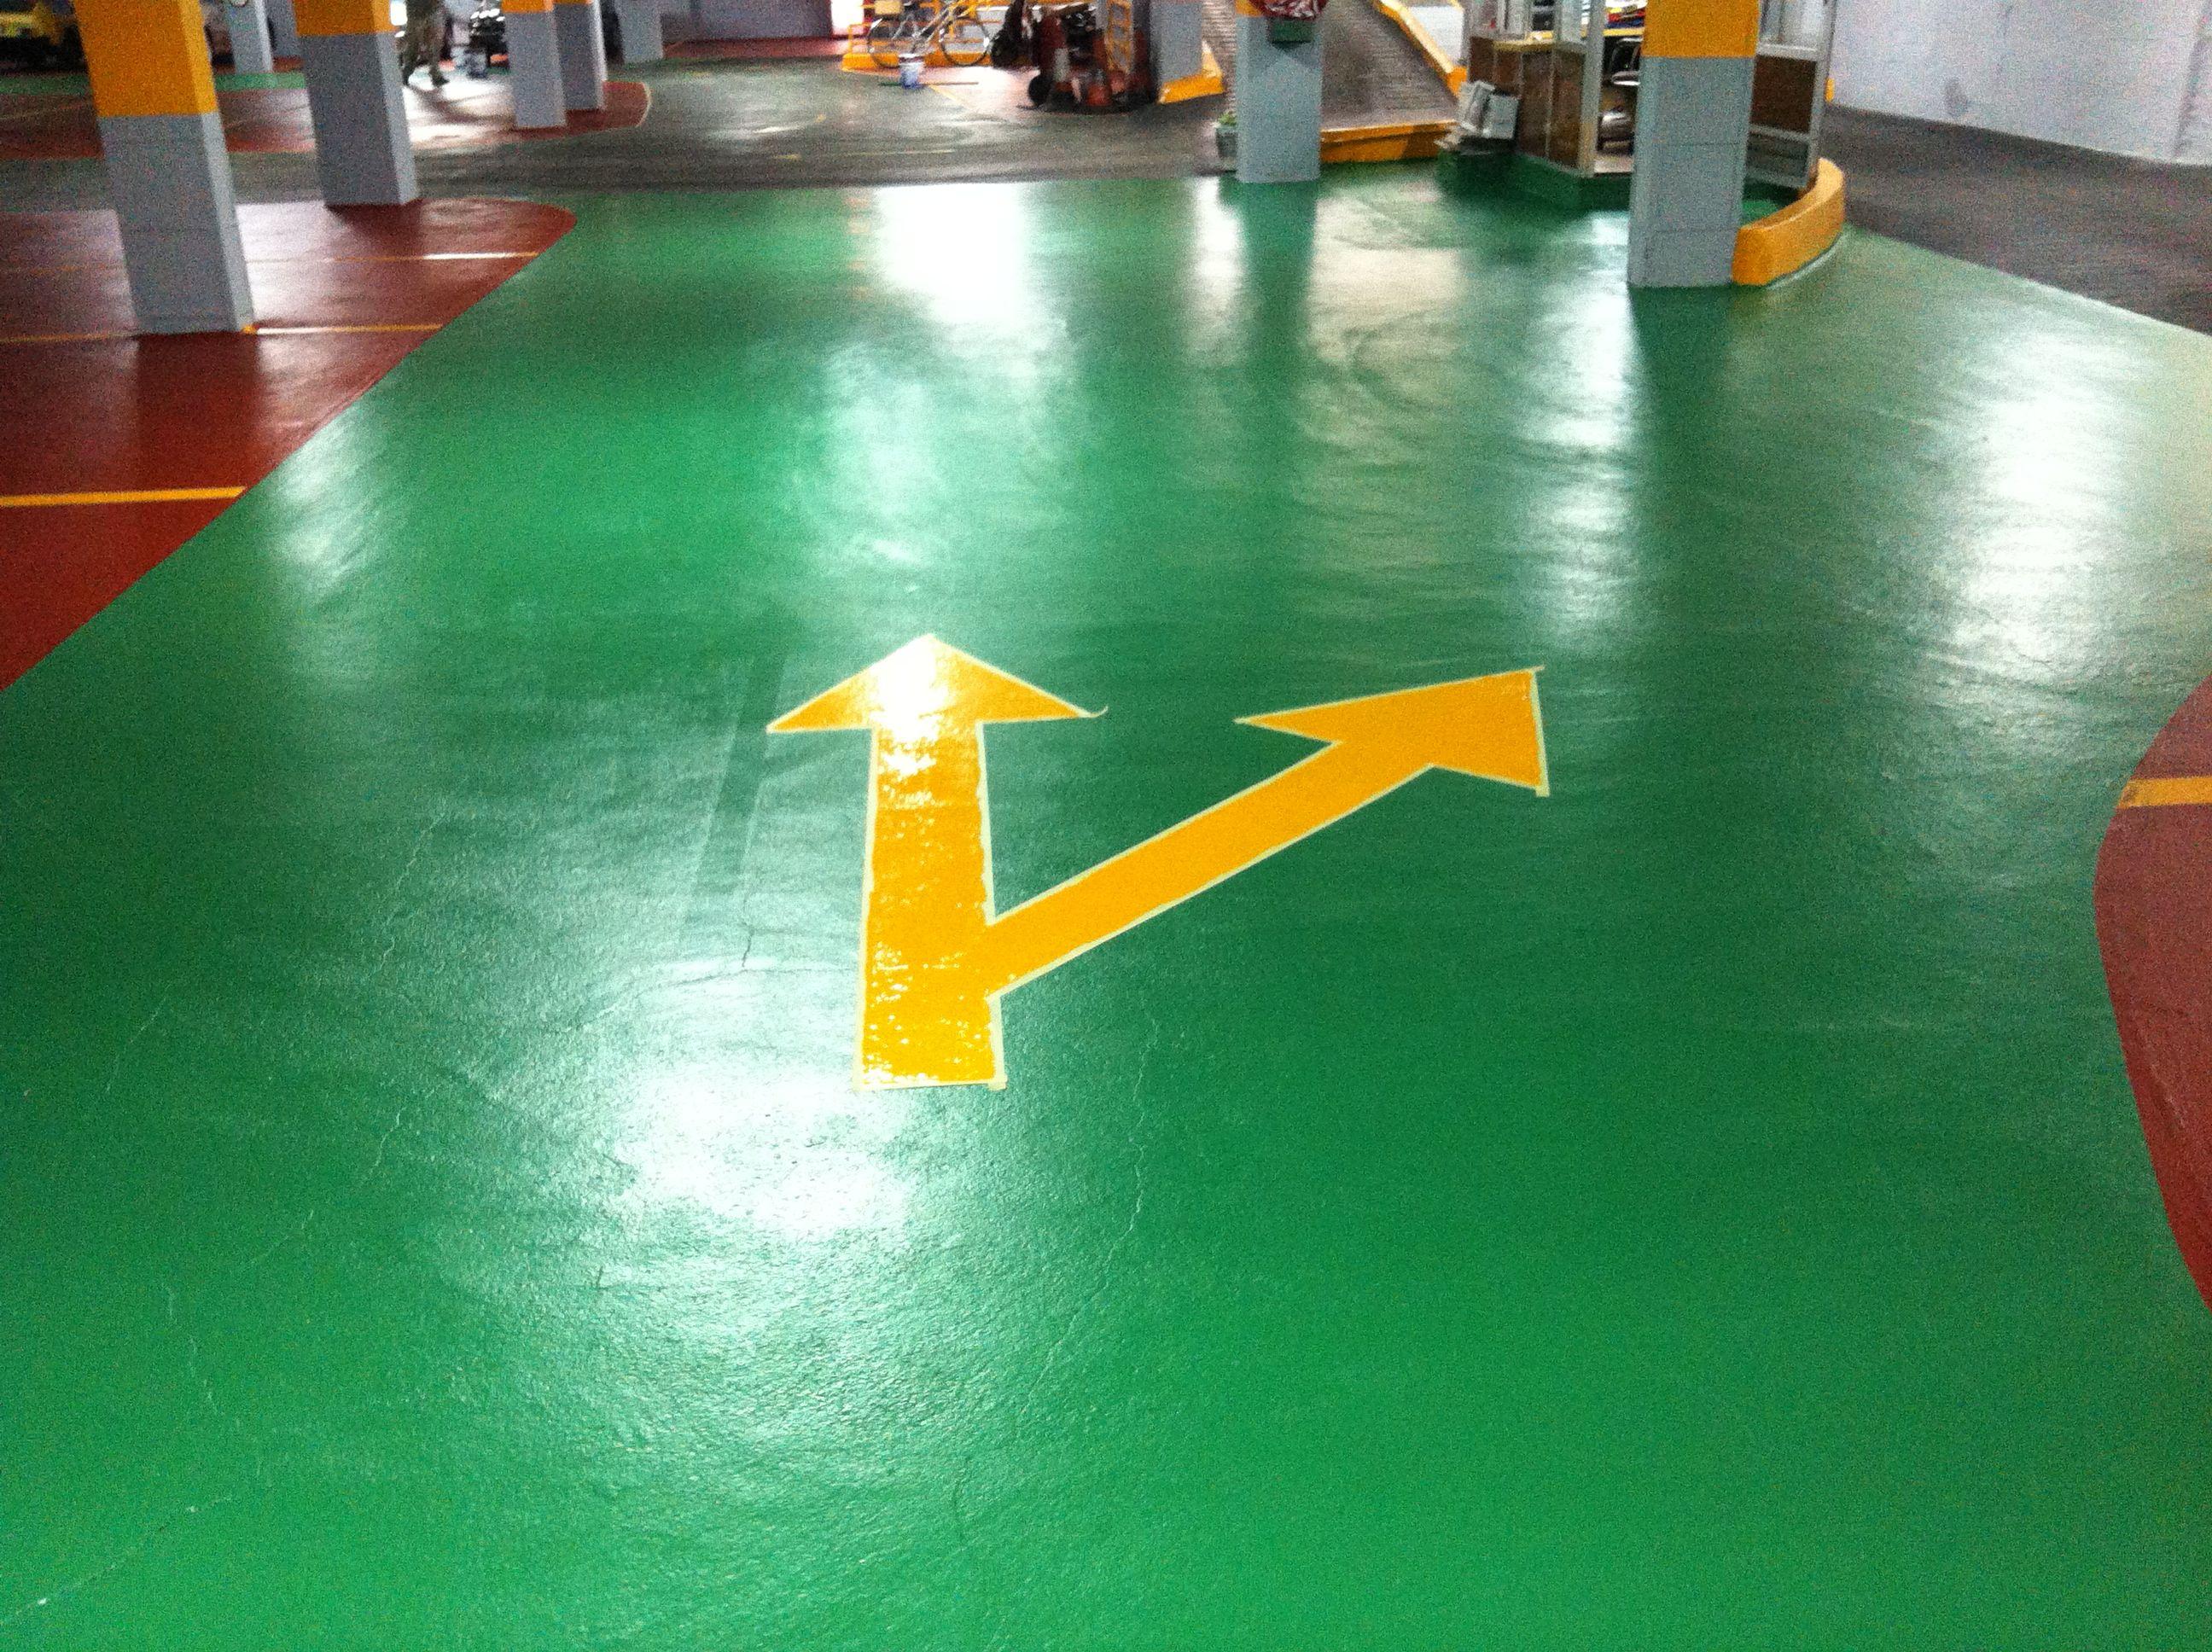 Pintura epoxi verde pintura epoxi suelos pintar parking o garaje pinterest suelos - Pintura suelos garaje ...